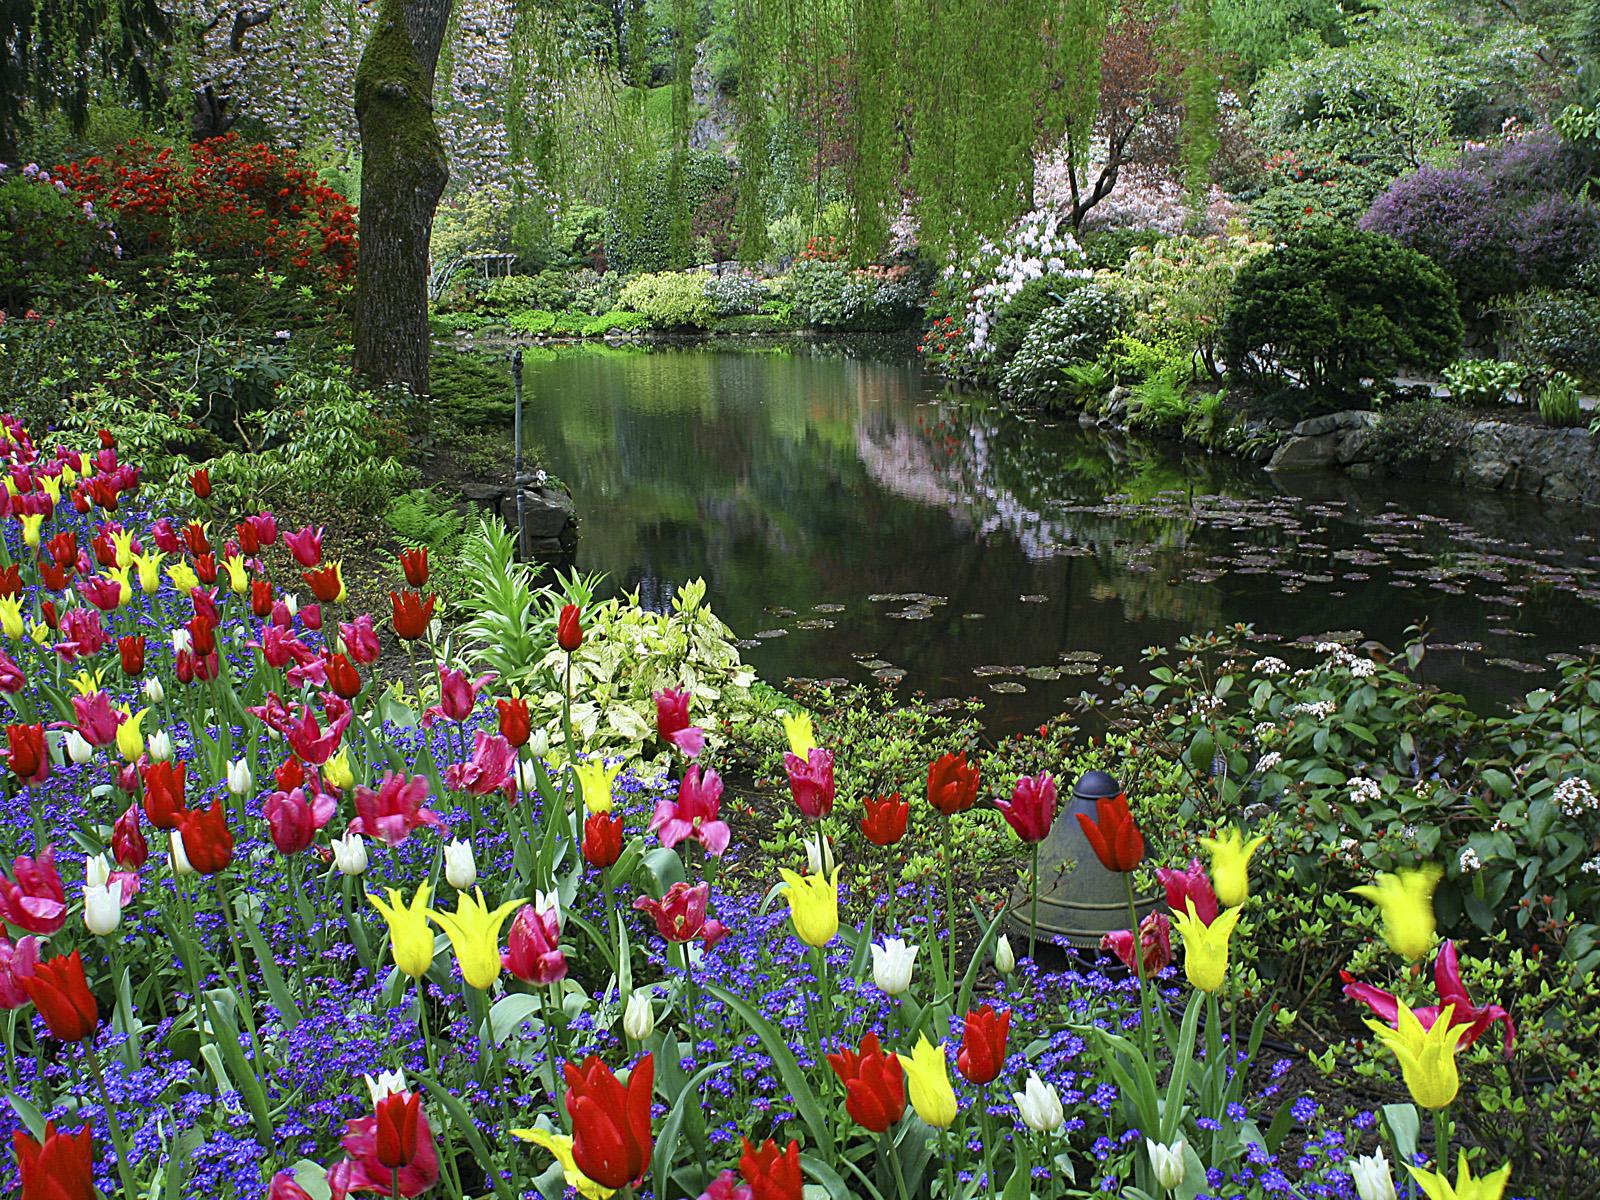 Bell simas imagenes del jardin butchart en canad for Guarda cosas para jardin